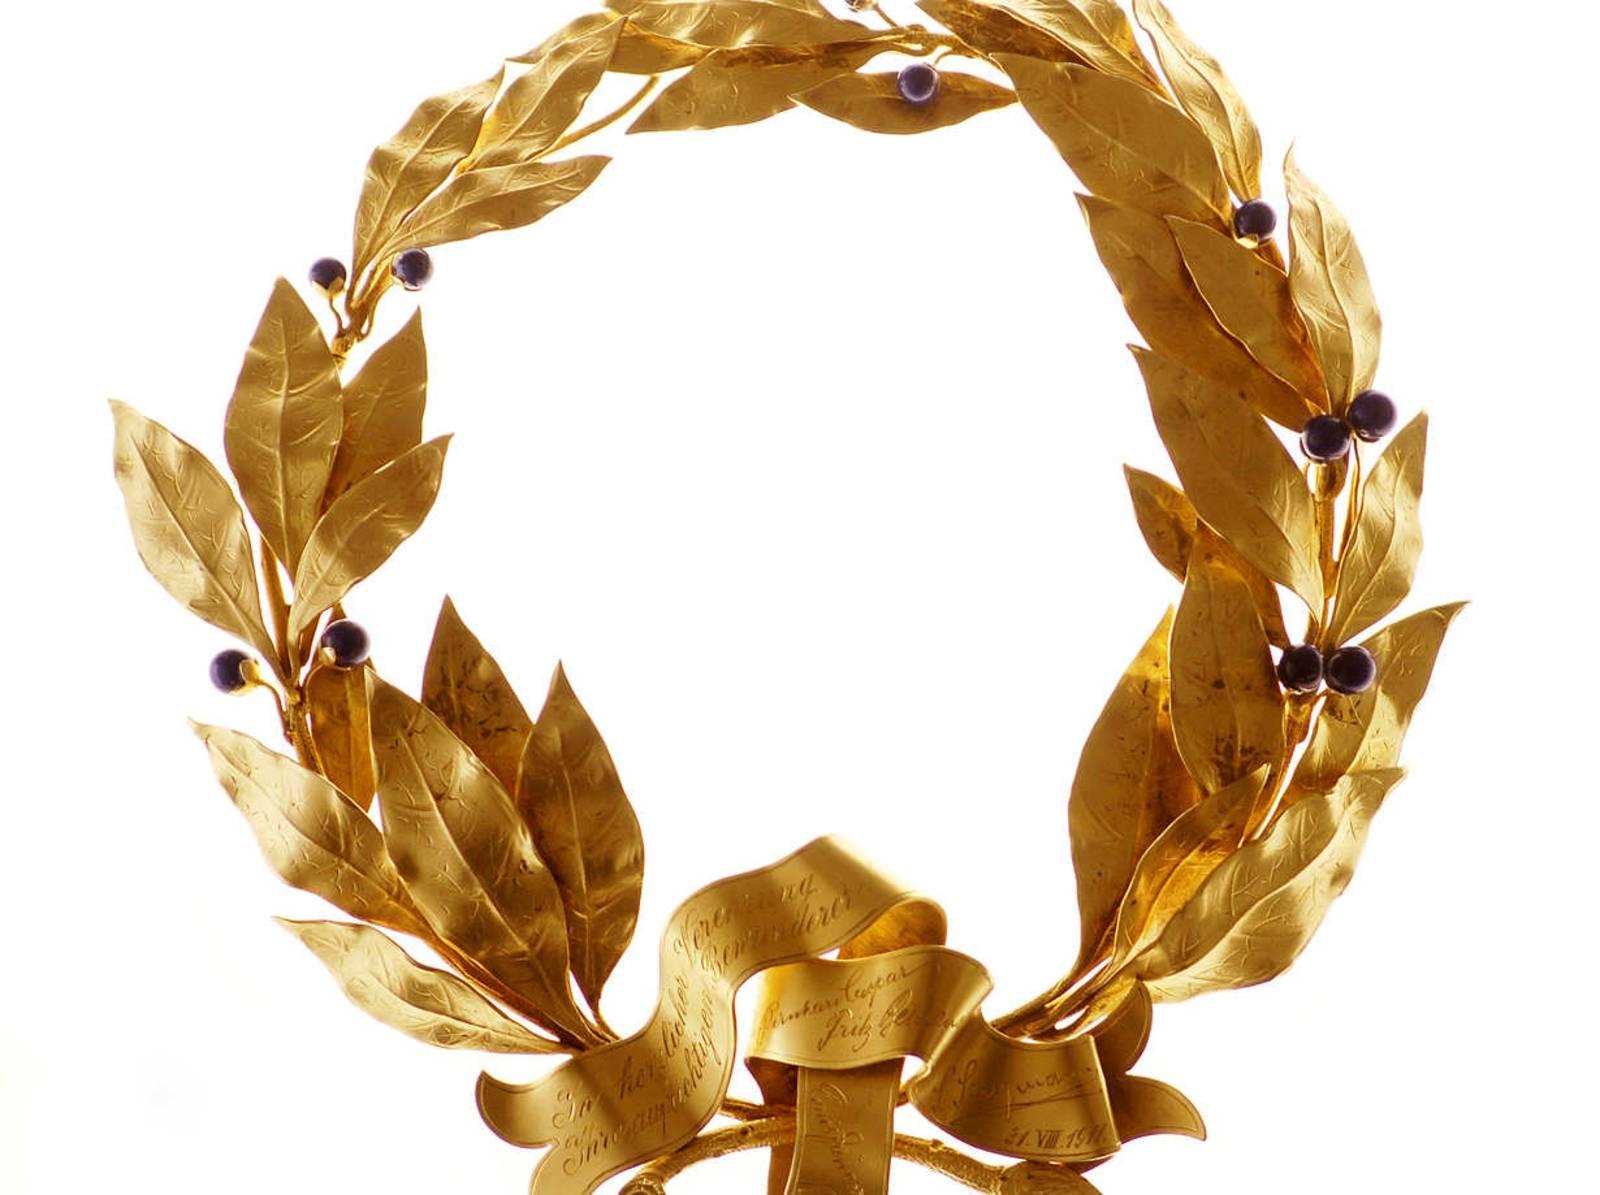 Ein goldener Lorbeerkranz: Das Motiv stammt aus einer Fotoserie von Dirk Meußling, das zum 80-jährigen Jubiläum des Theatermseums entstanden ist.